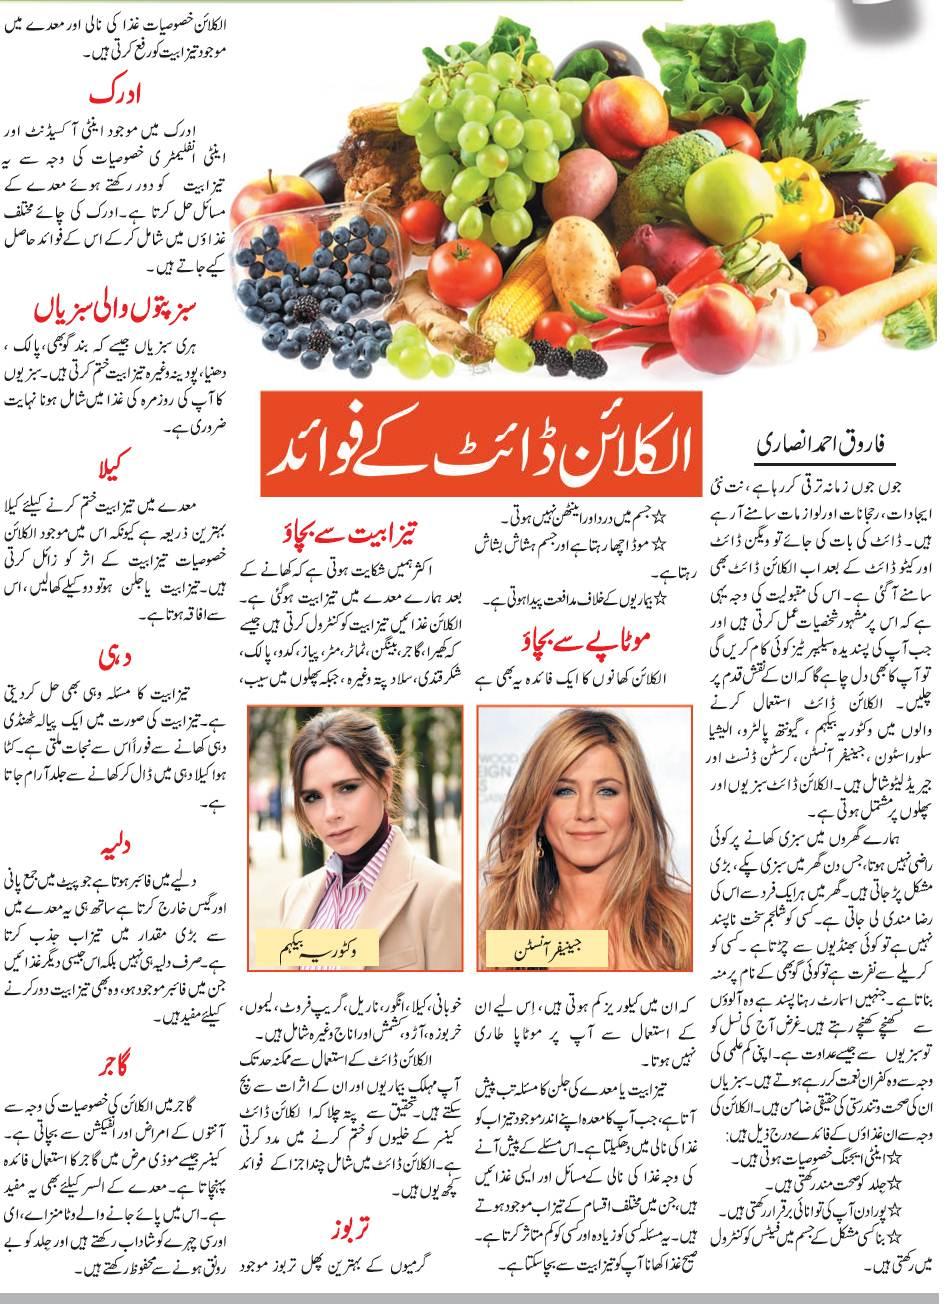 Introduction & Health Benefits of Alkaline Diet (Urdu-English)